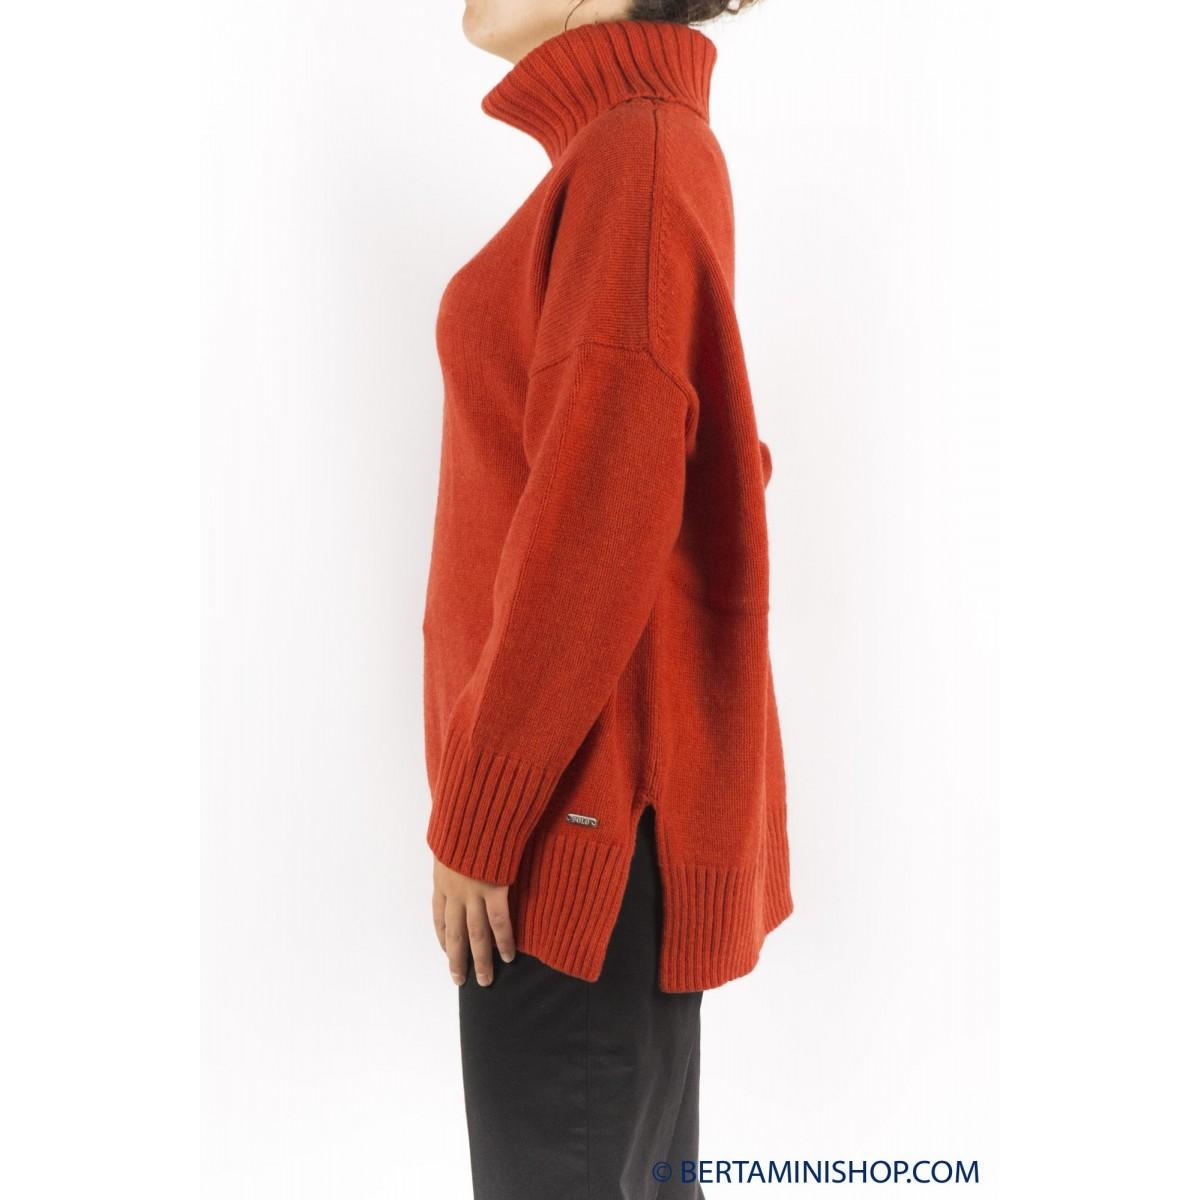 Maglia donna Ralph lauren - V39id318wd236 B8D14 - Arancione